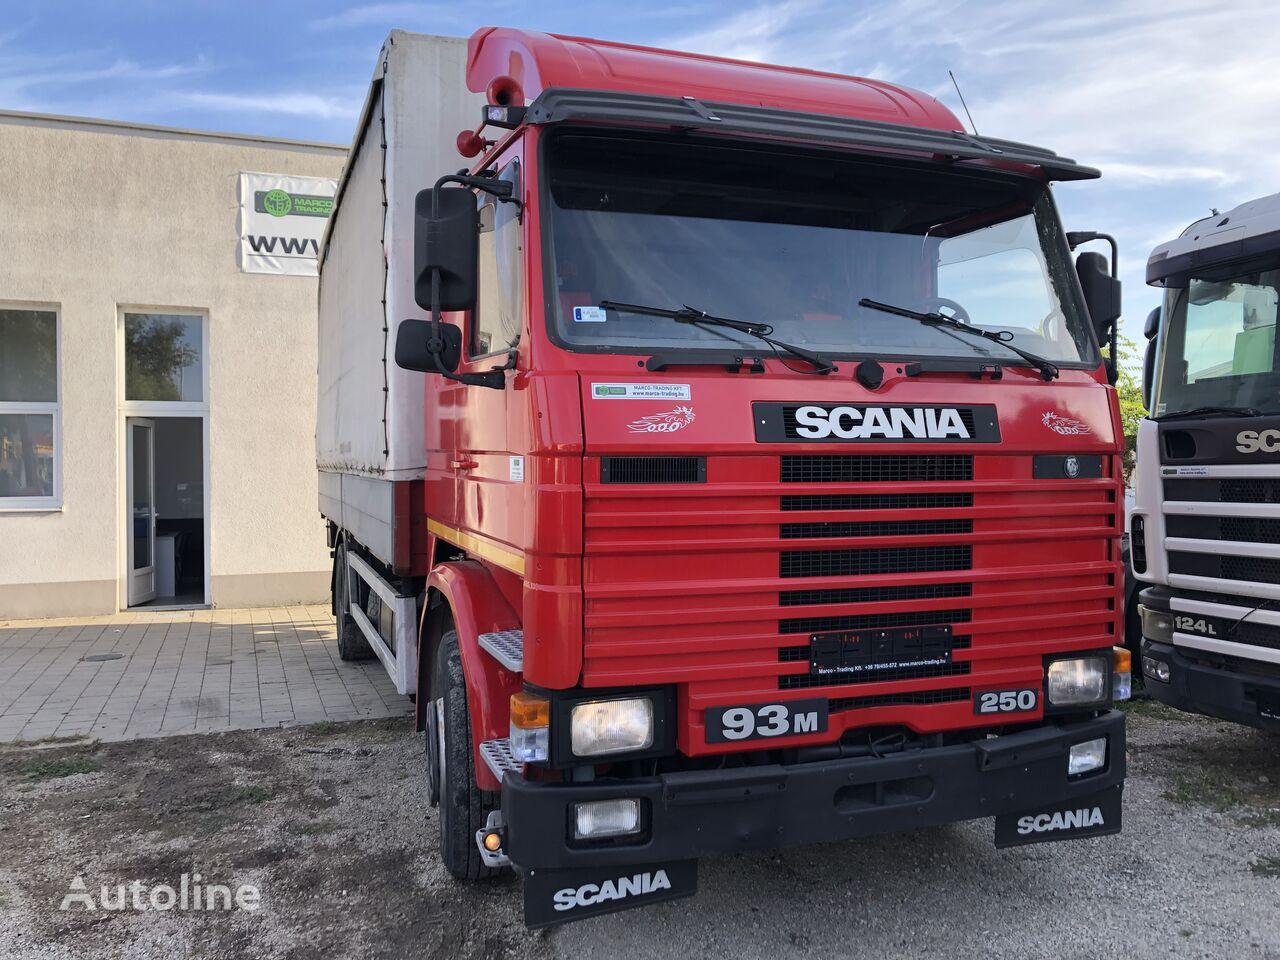 SCANIA 93 M 250  huifzeilen vrachtwagen